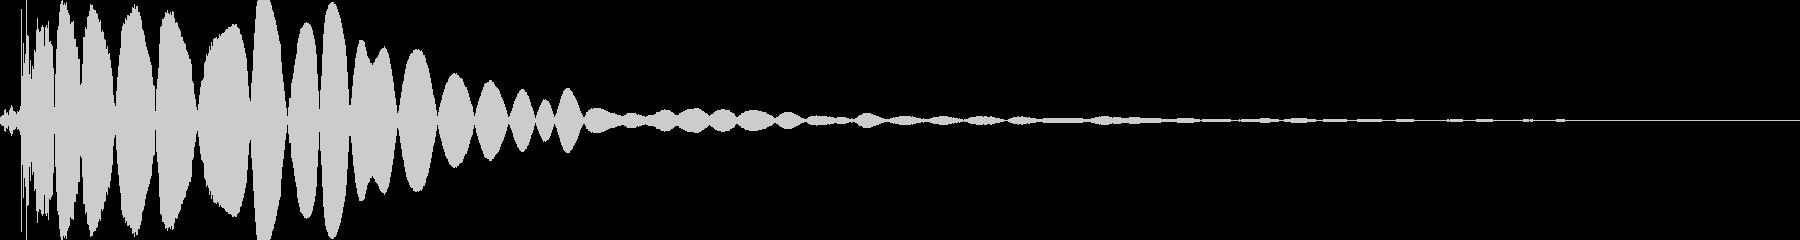 ヒットヒットインパクト3の未再生の波形